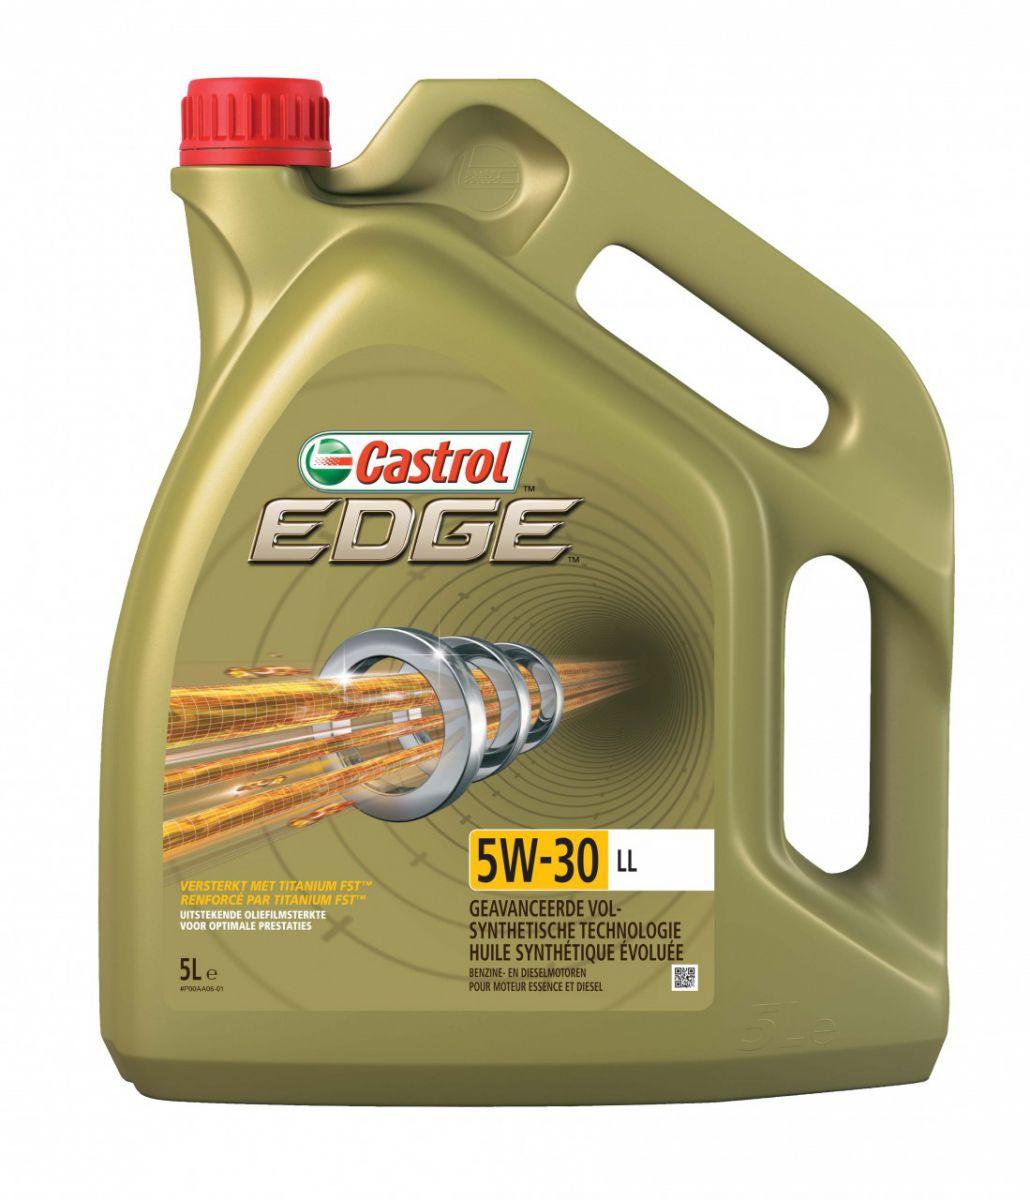 castrol edge 5w30 ll 5ltr